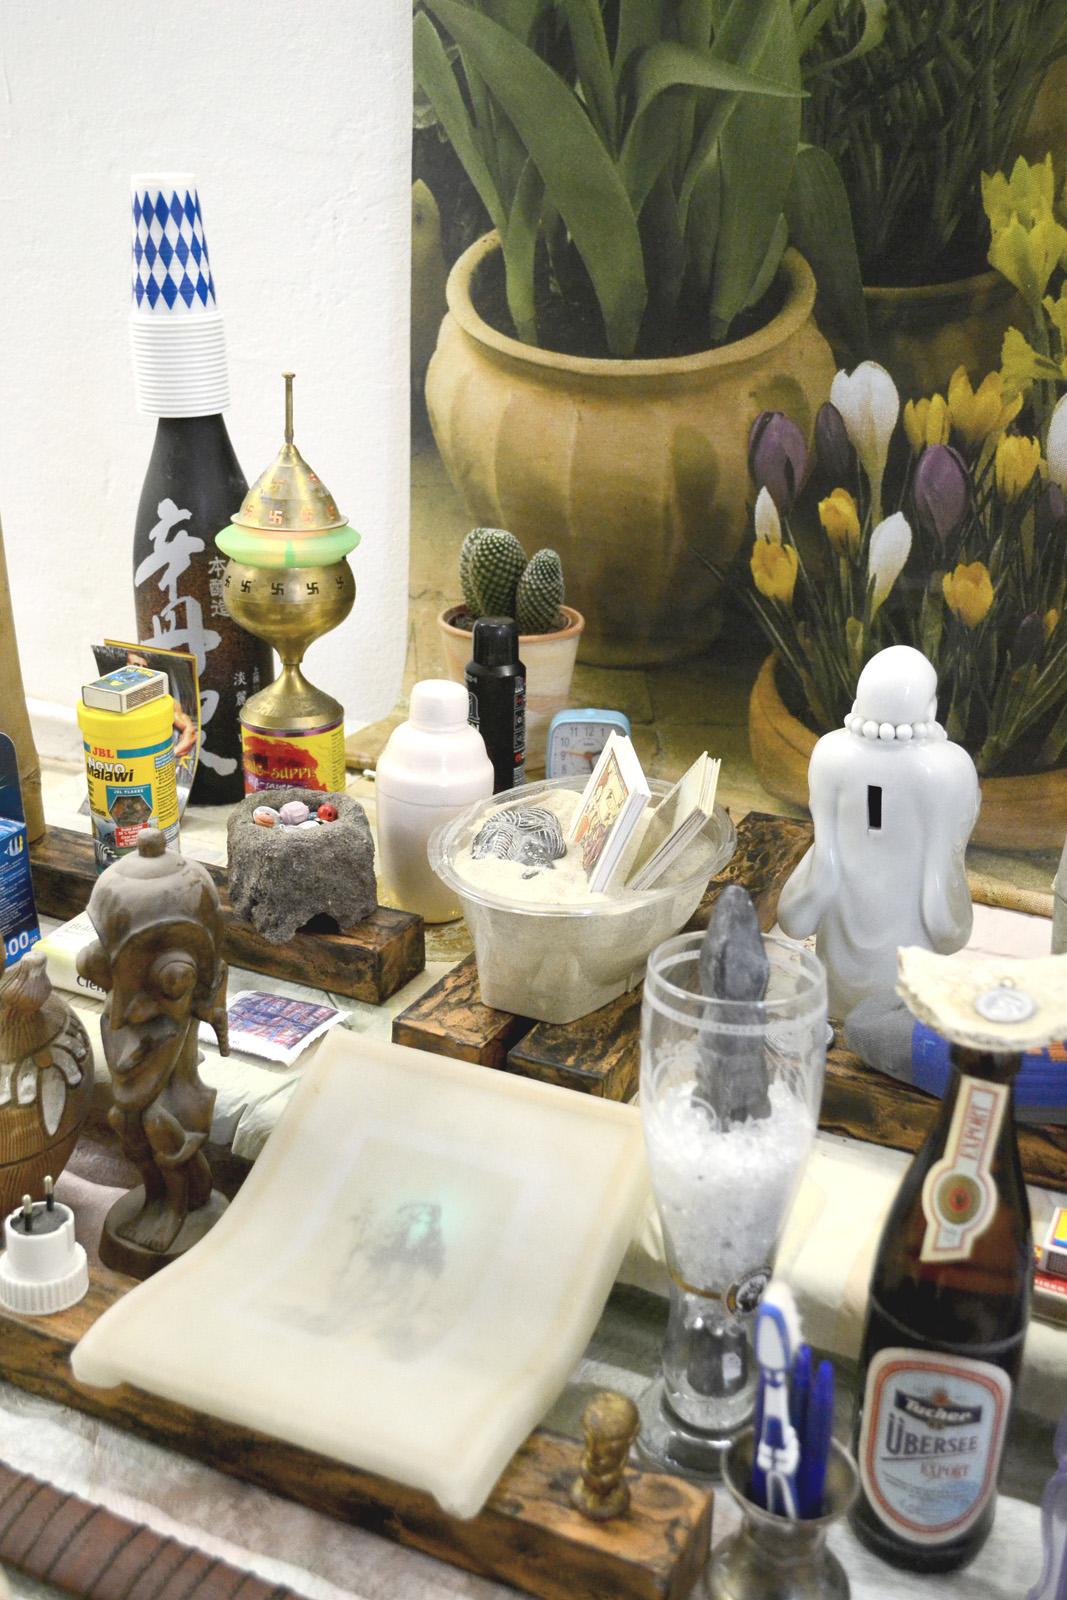 Michel Aniol Kunst Berlin Art Artist Objects and Vessels of Utility